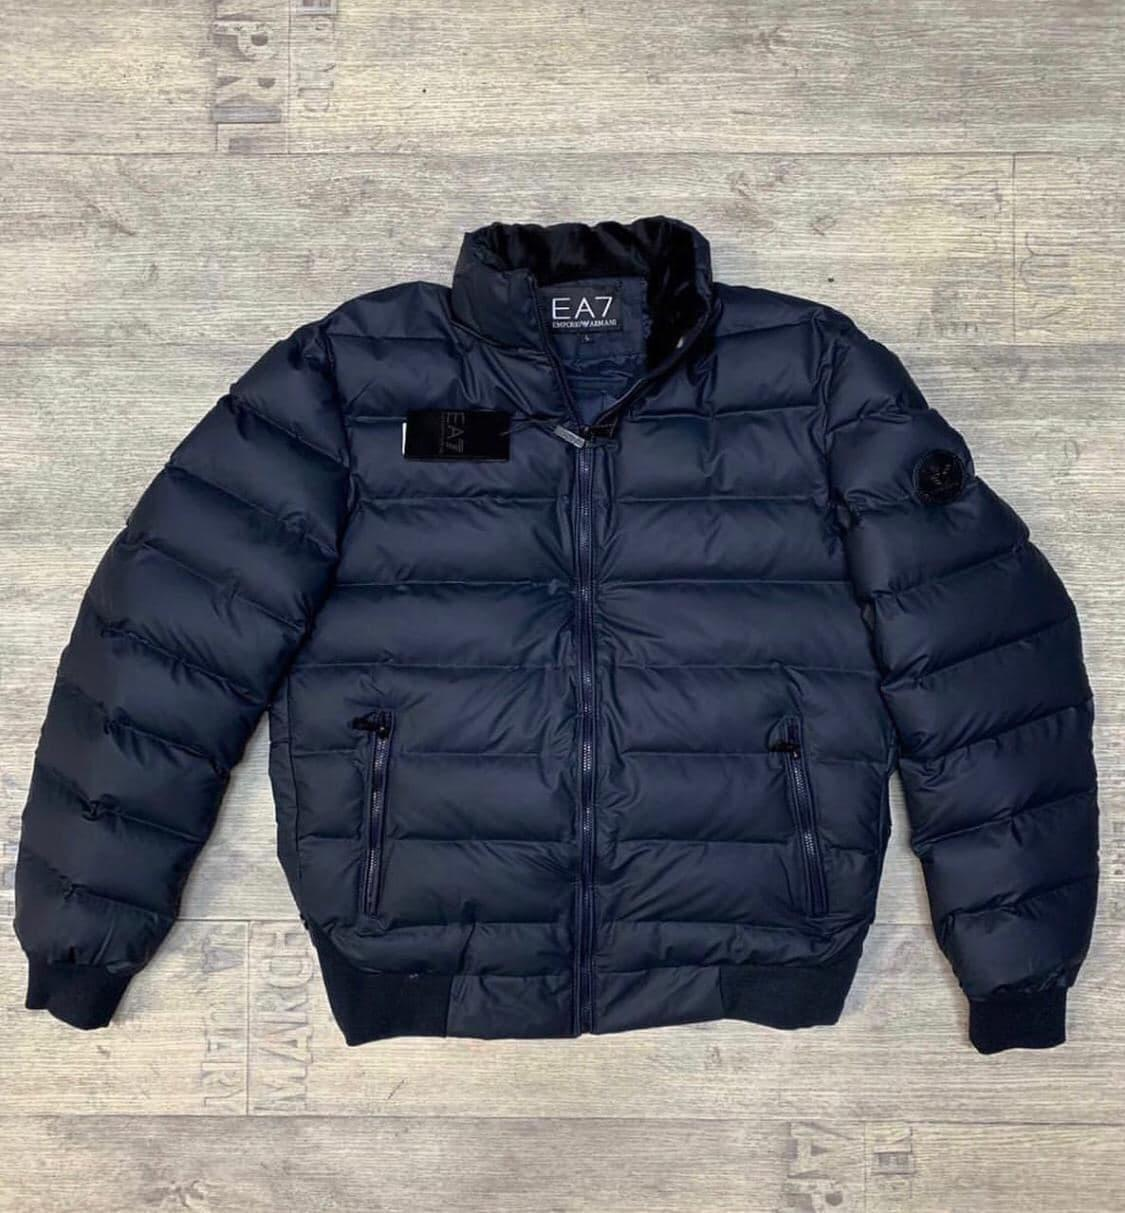 Мужская куртка Armani EA7 P0517 синяя